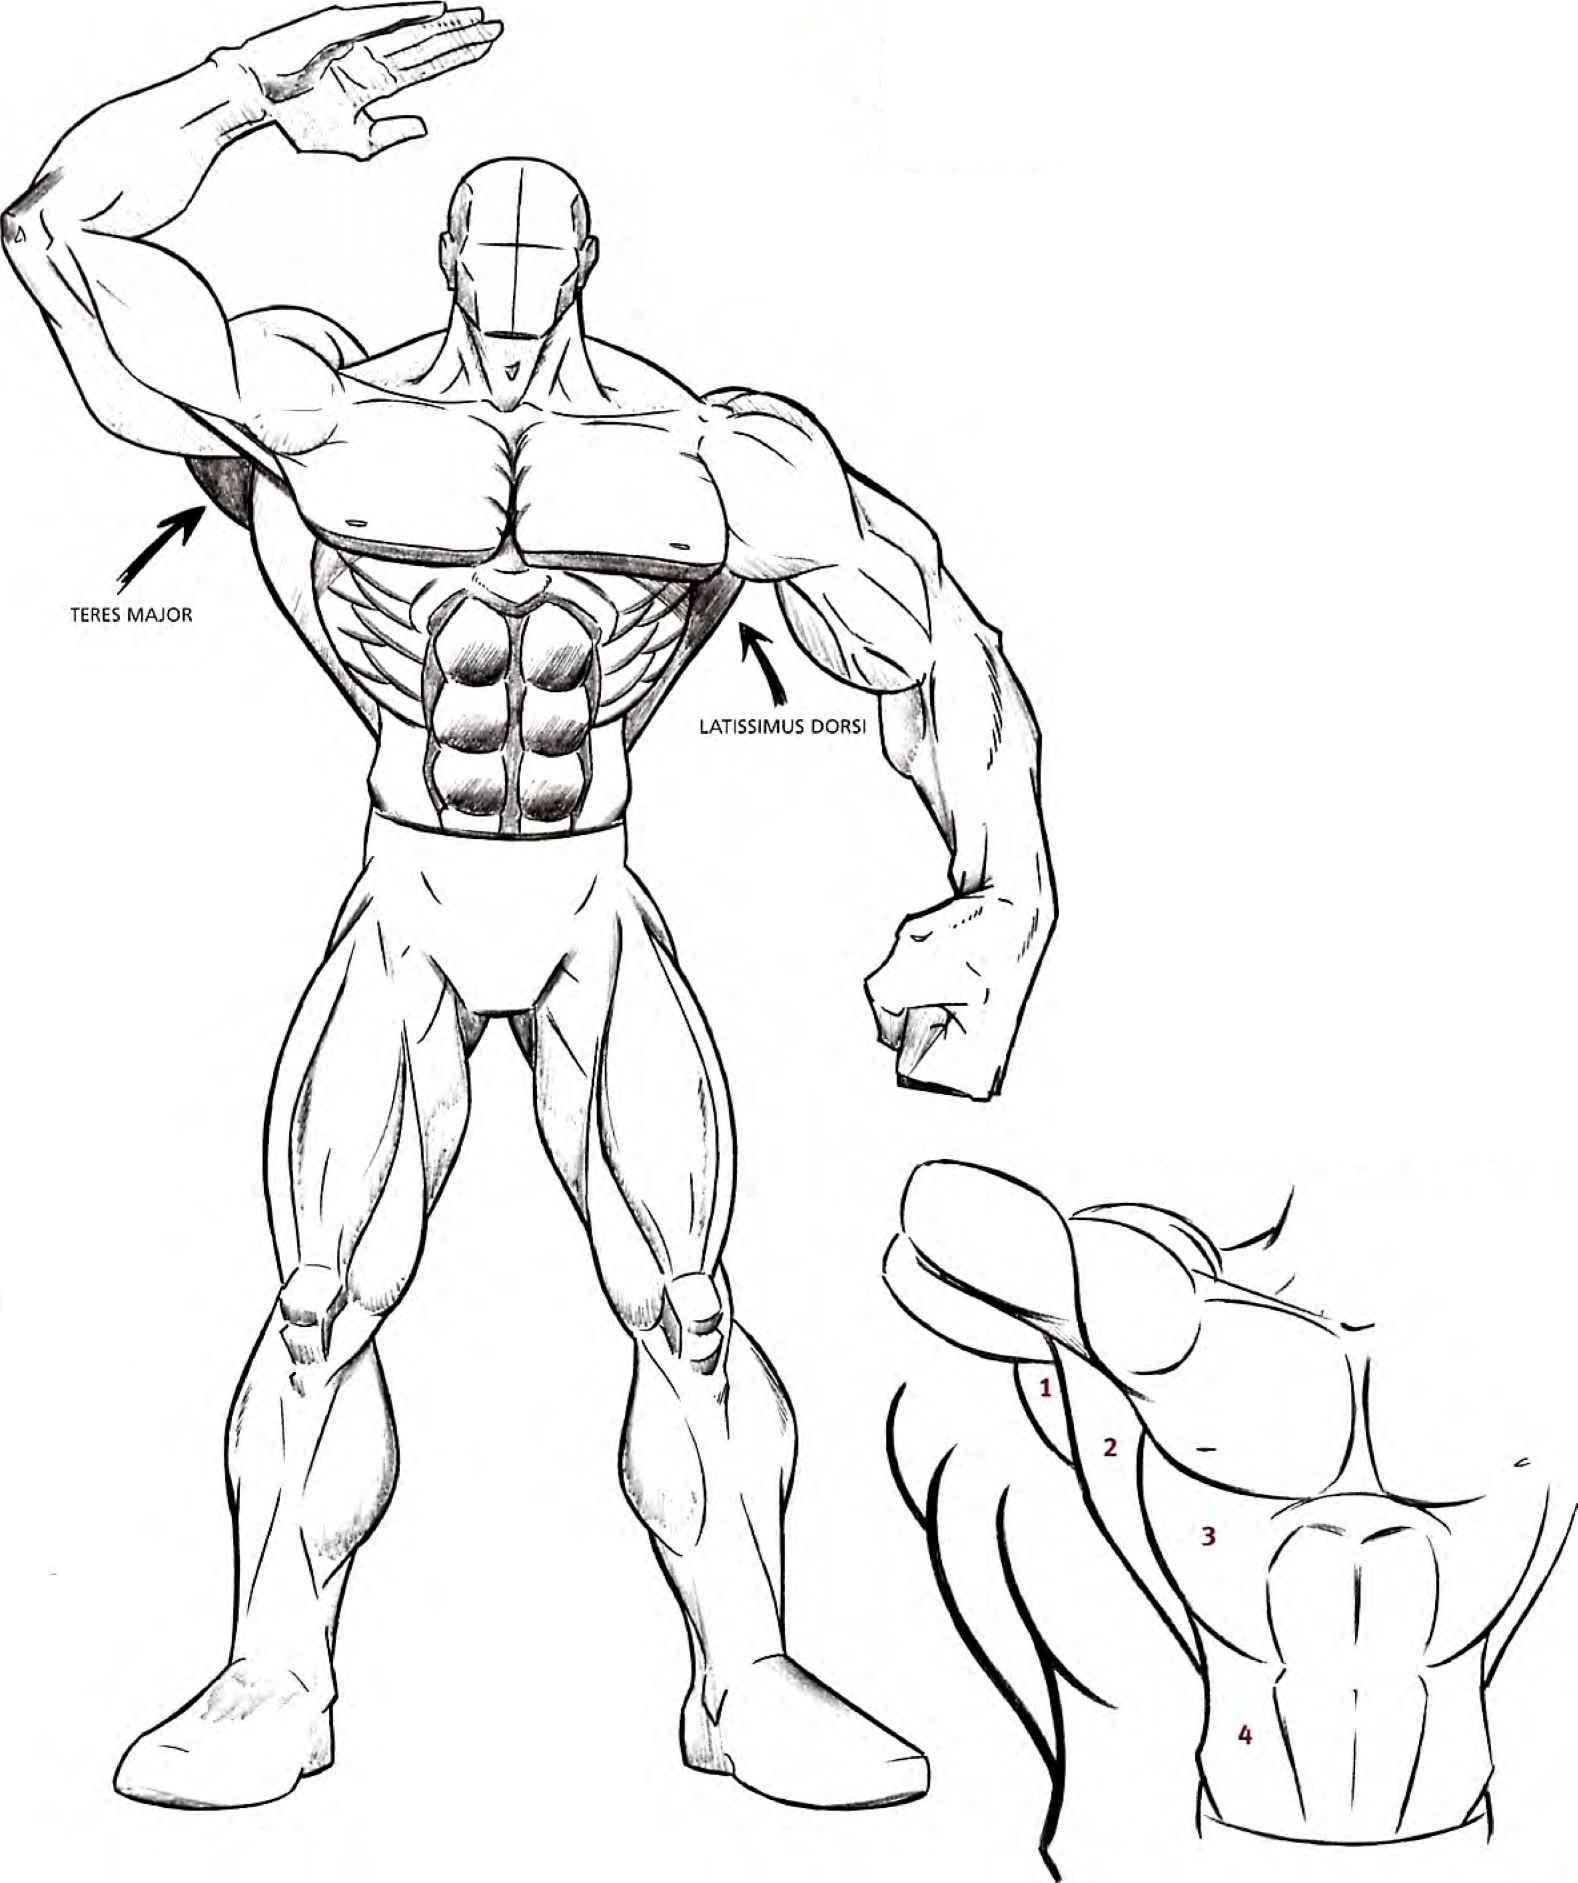 Drawing Muscles Drawing Comics Joshua Nava Arts